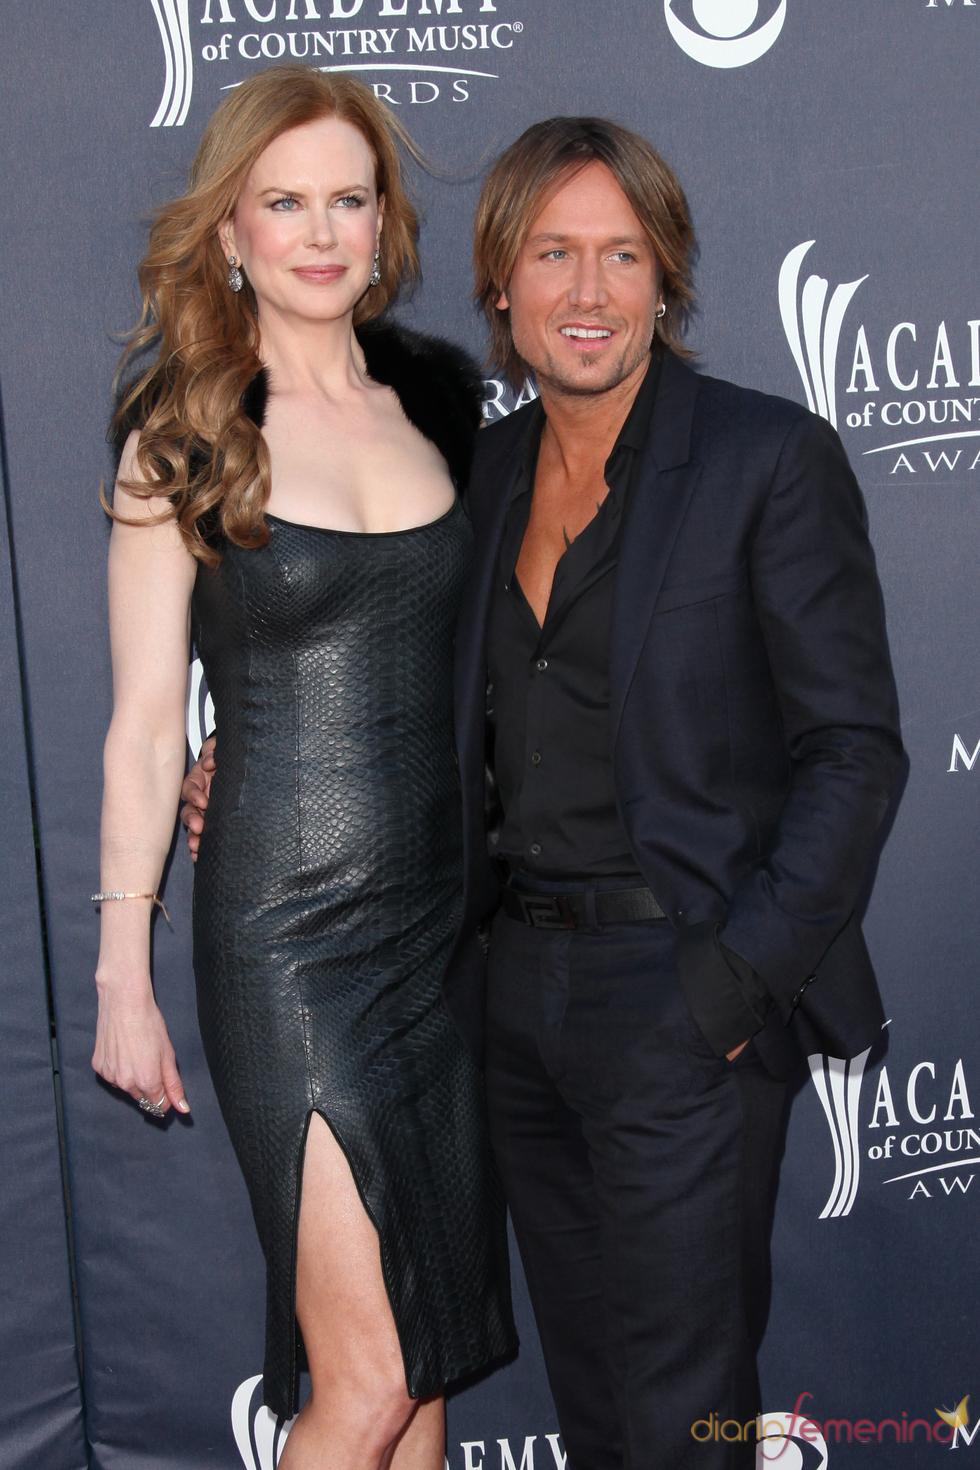 Nicole Kidman y Keith Urban en los Premios de la Academia de Country 2011